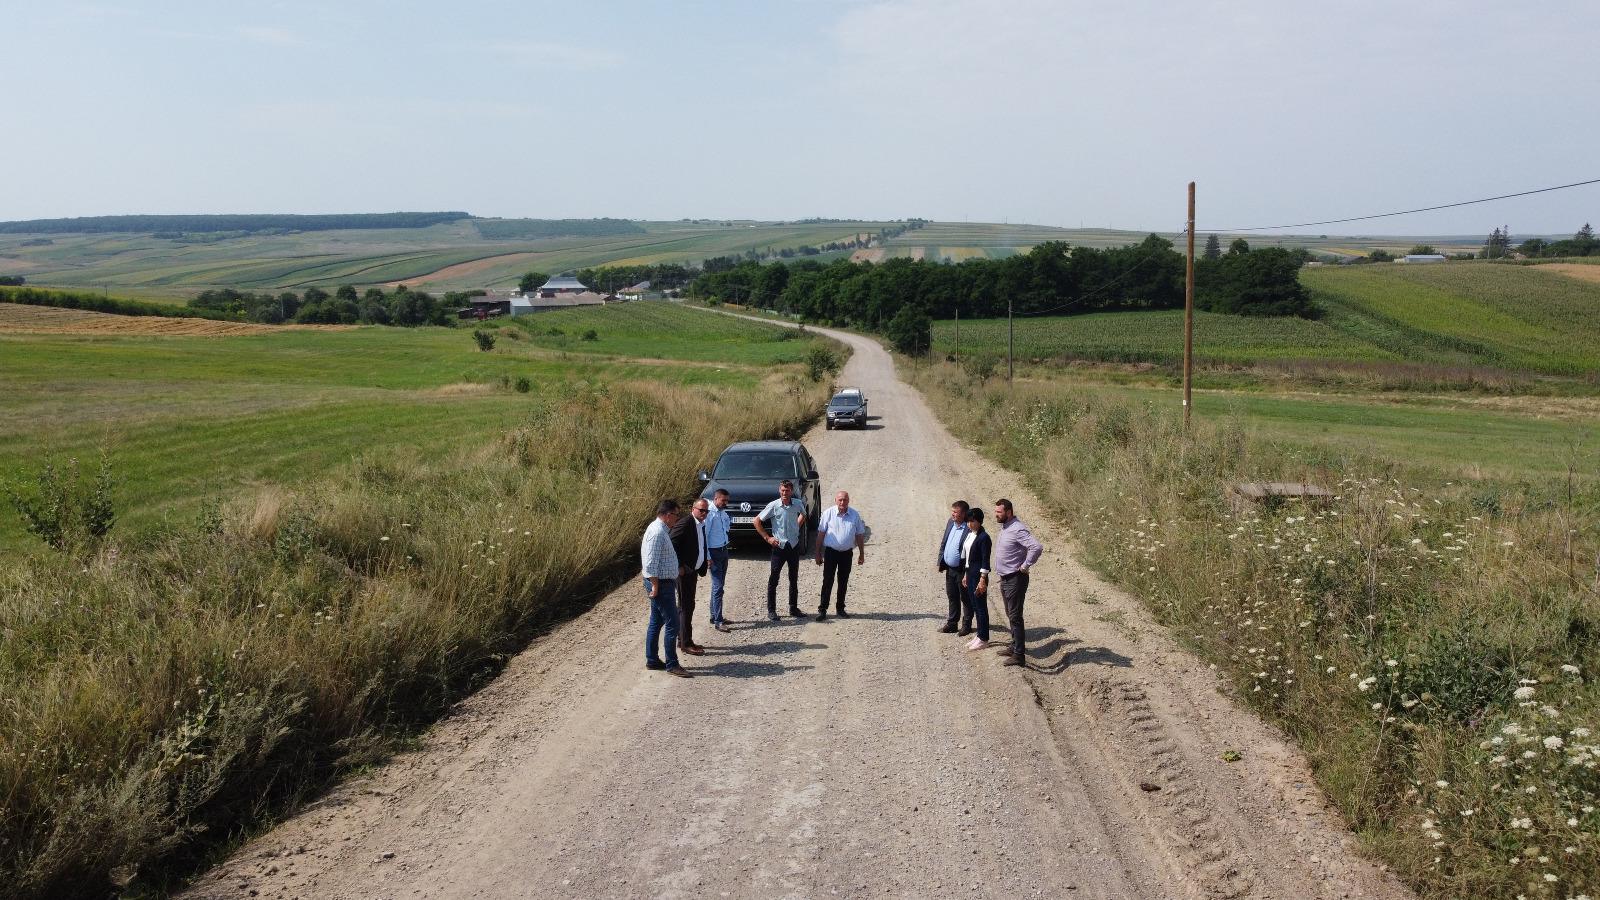 """11 sectoare de drum județean pregătite pentru finanțate prin  Programul Național de Investiții """"Anghel Saligny"""""""